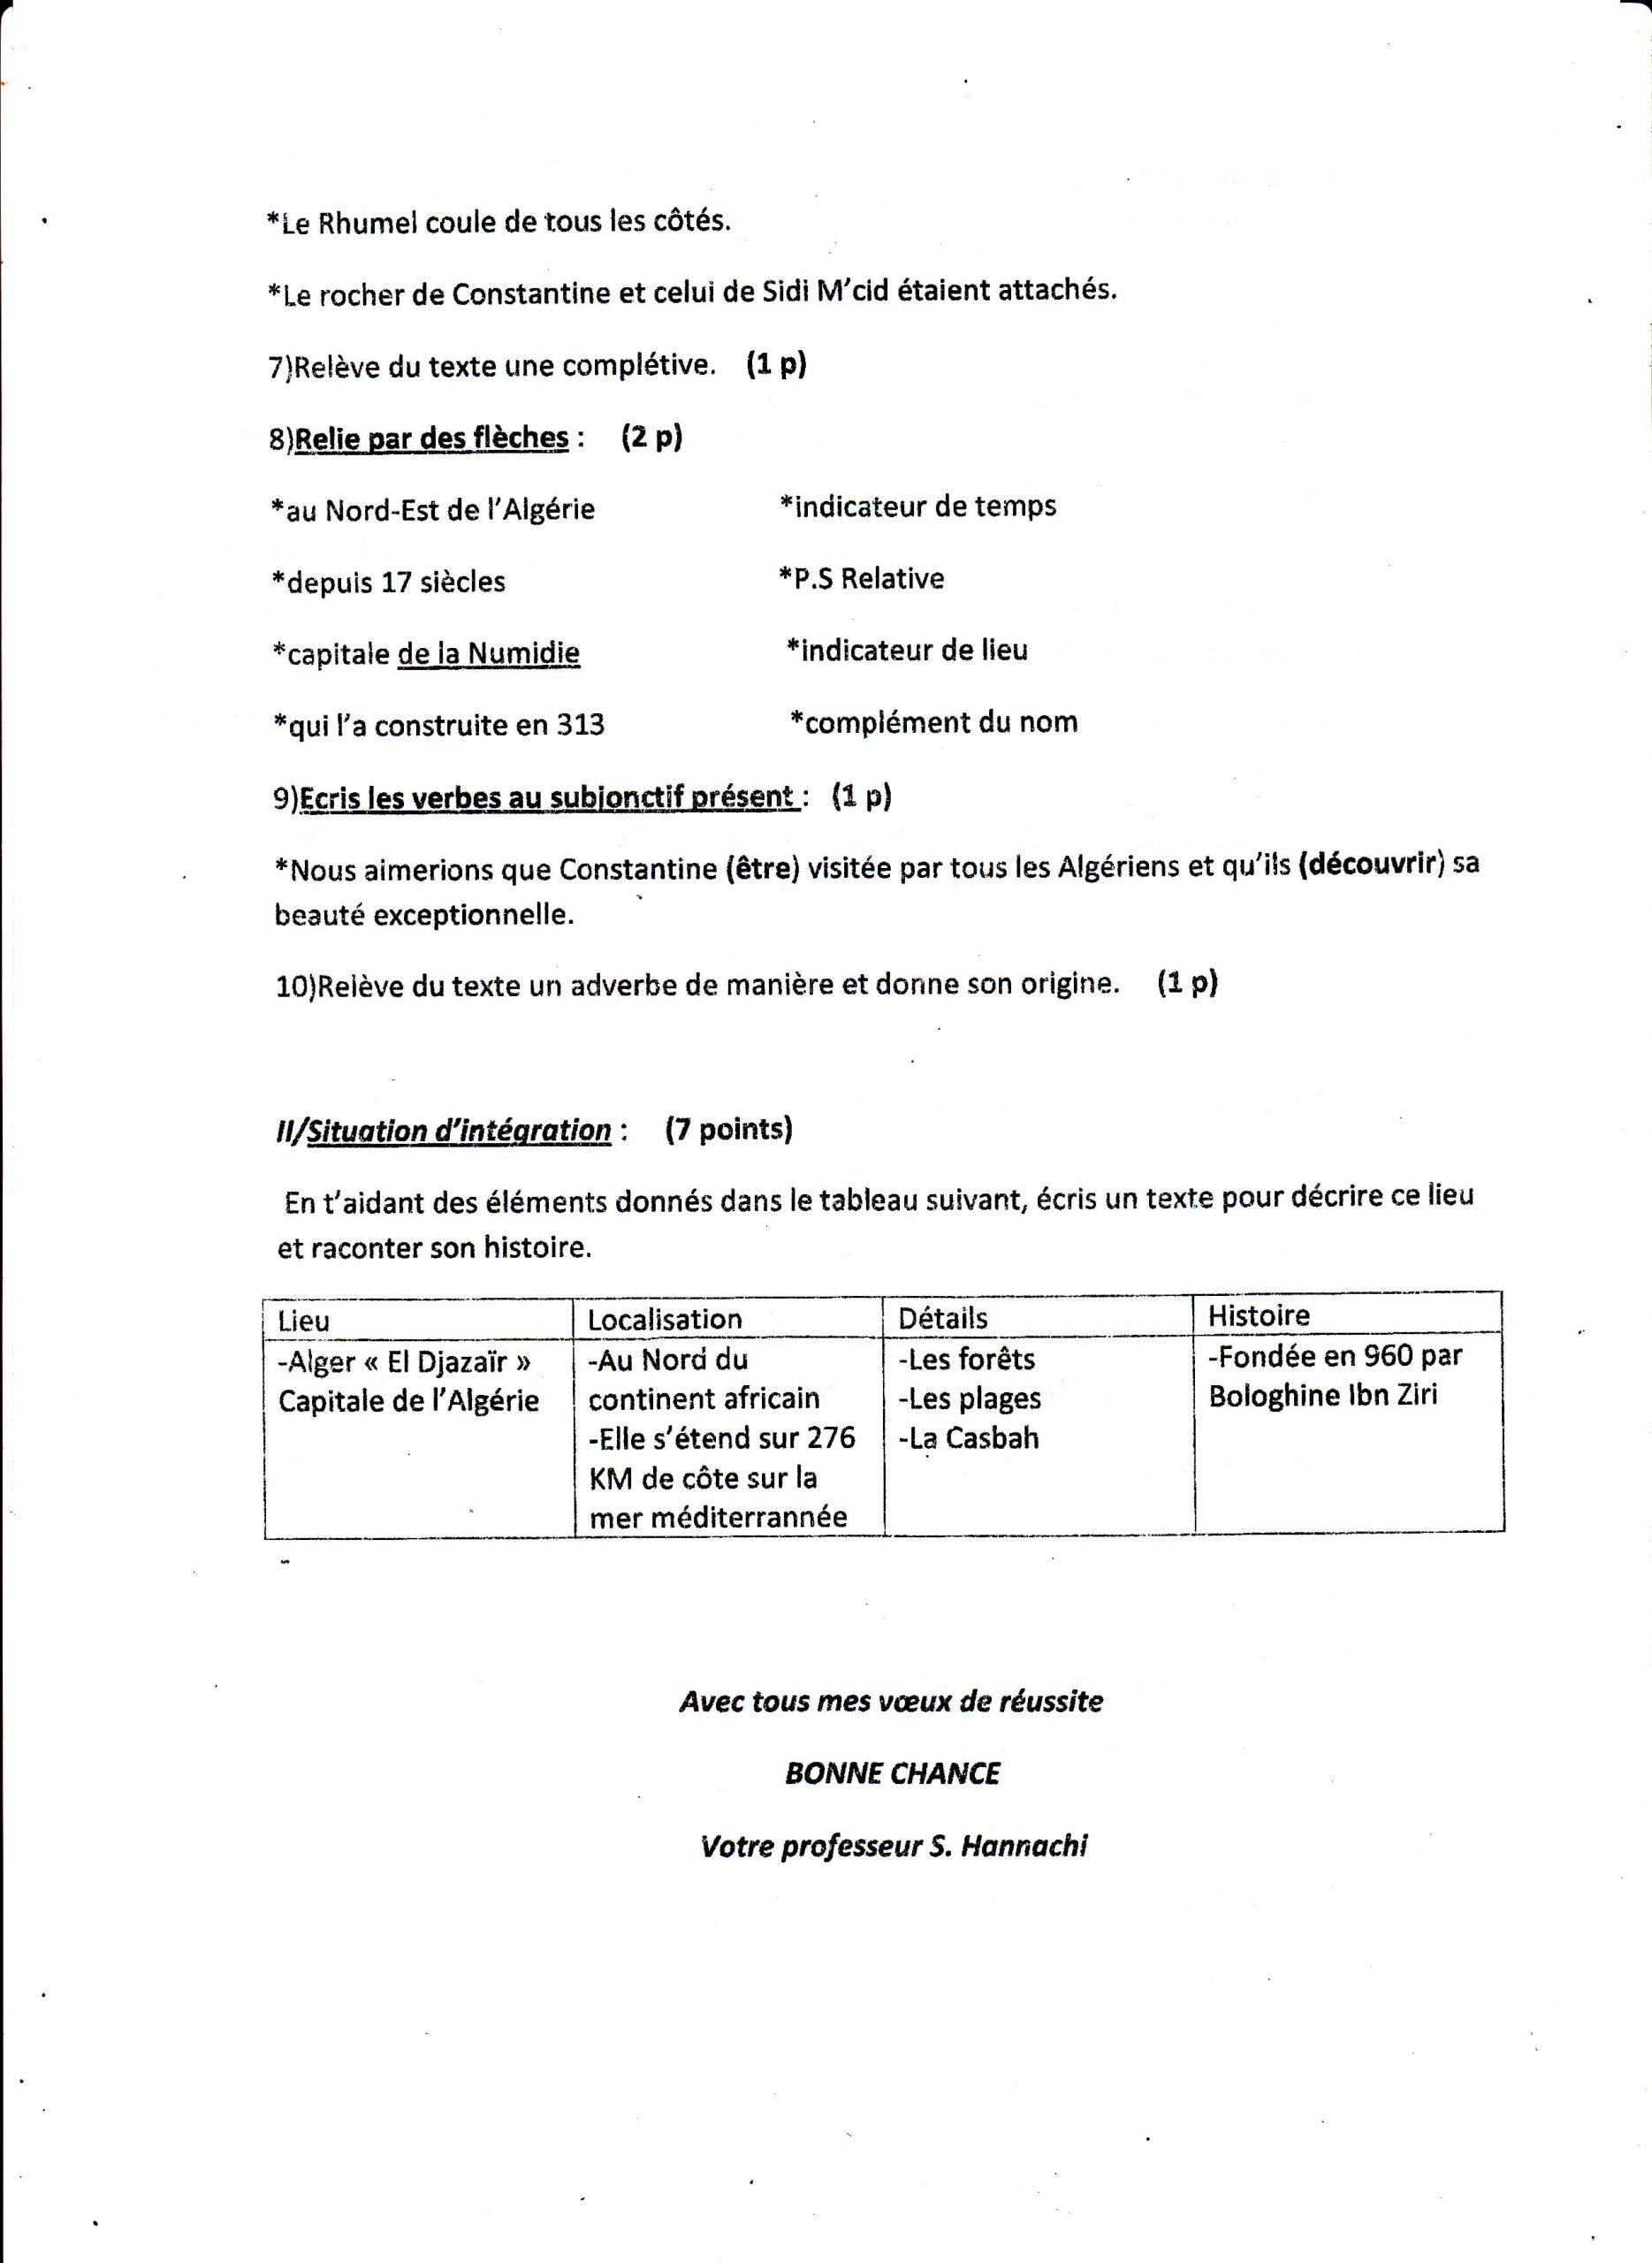 اختبار الفصل الثالث في اللغة الفرنسية السنة الثالثة متوسط   الموضوع 03